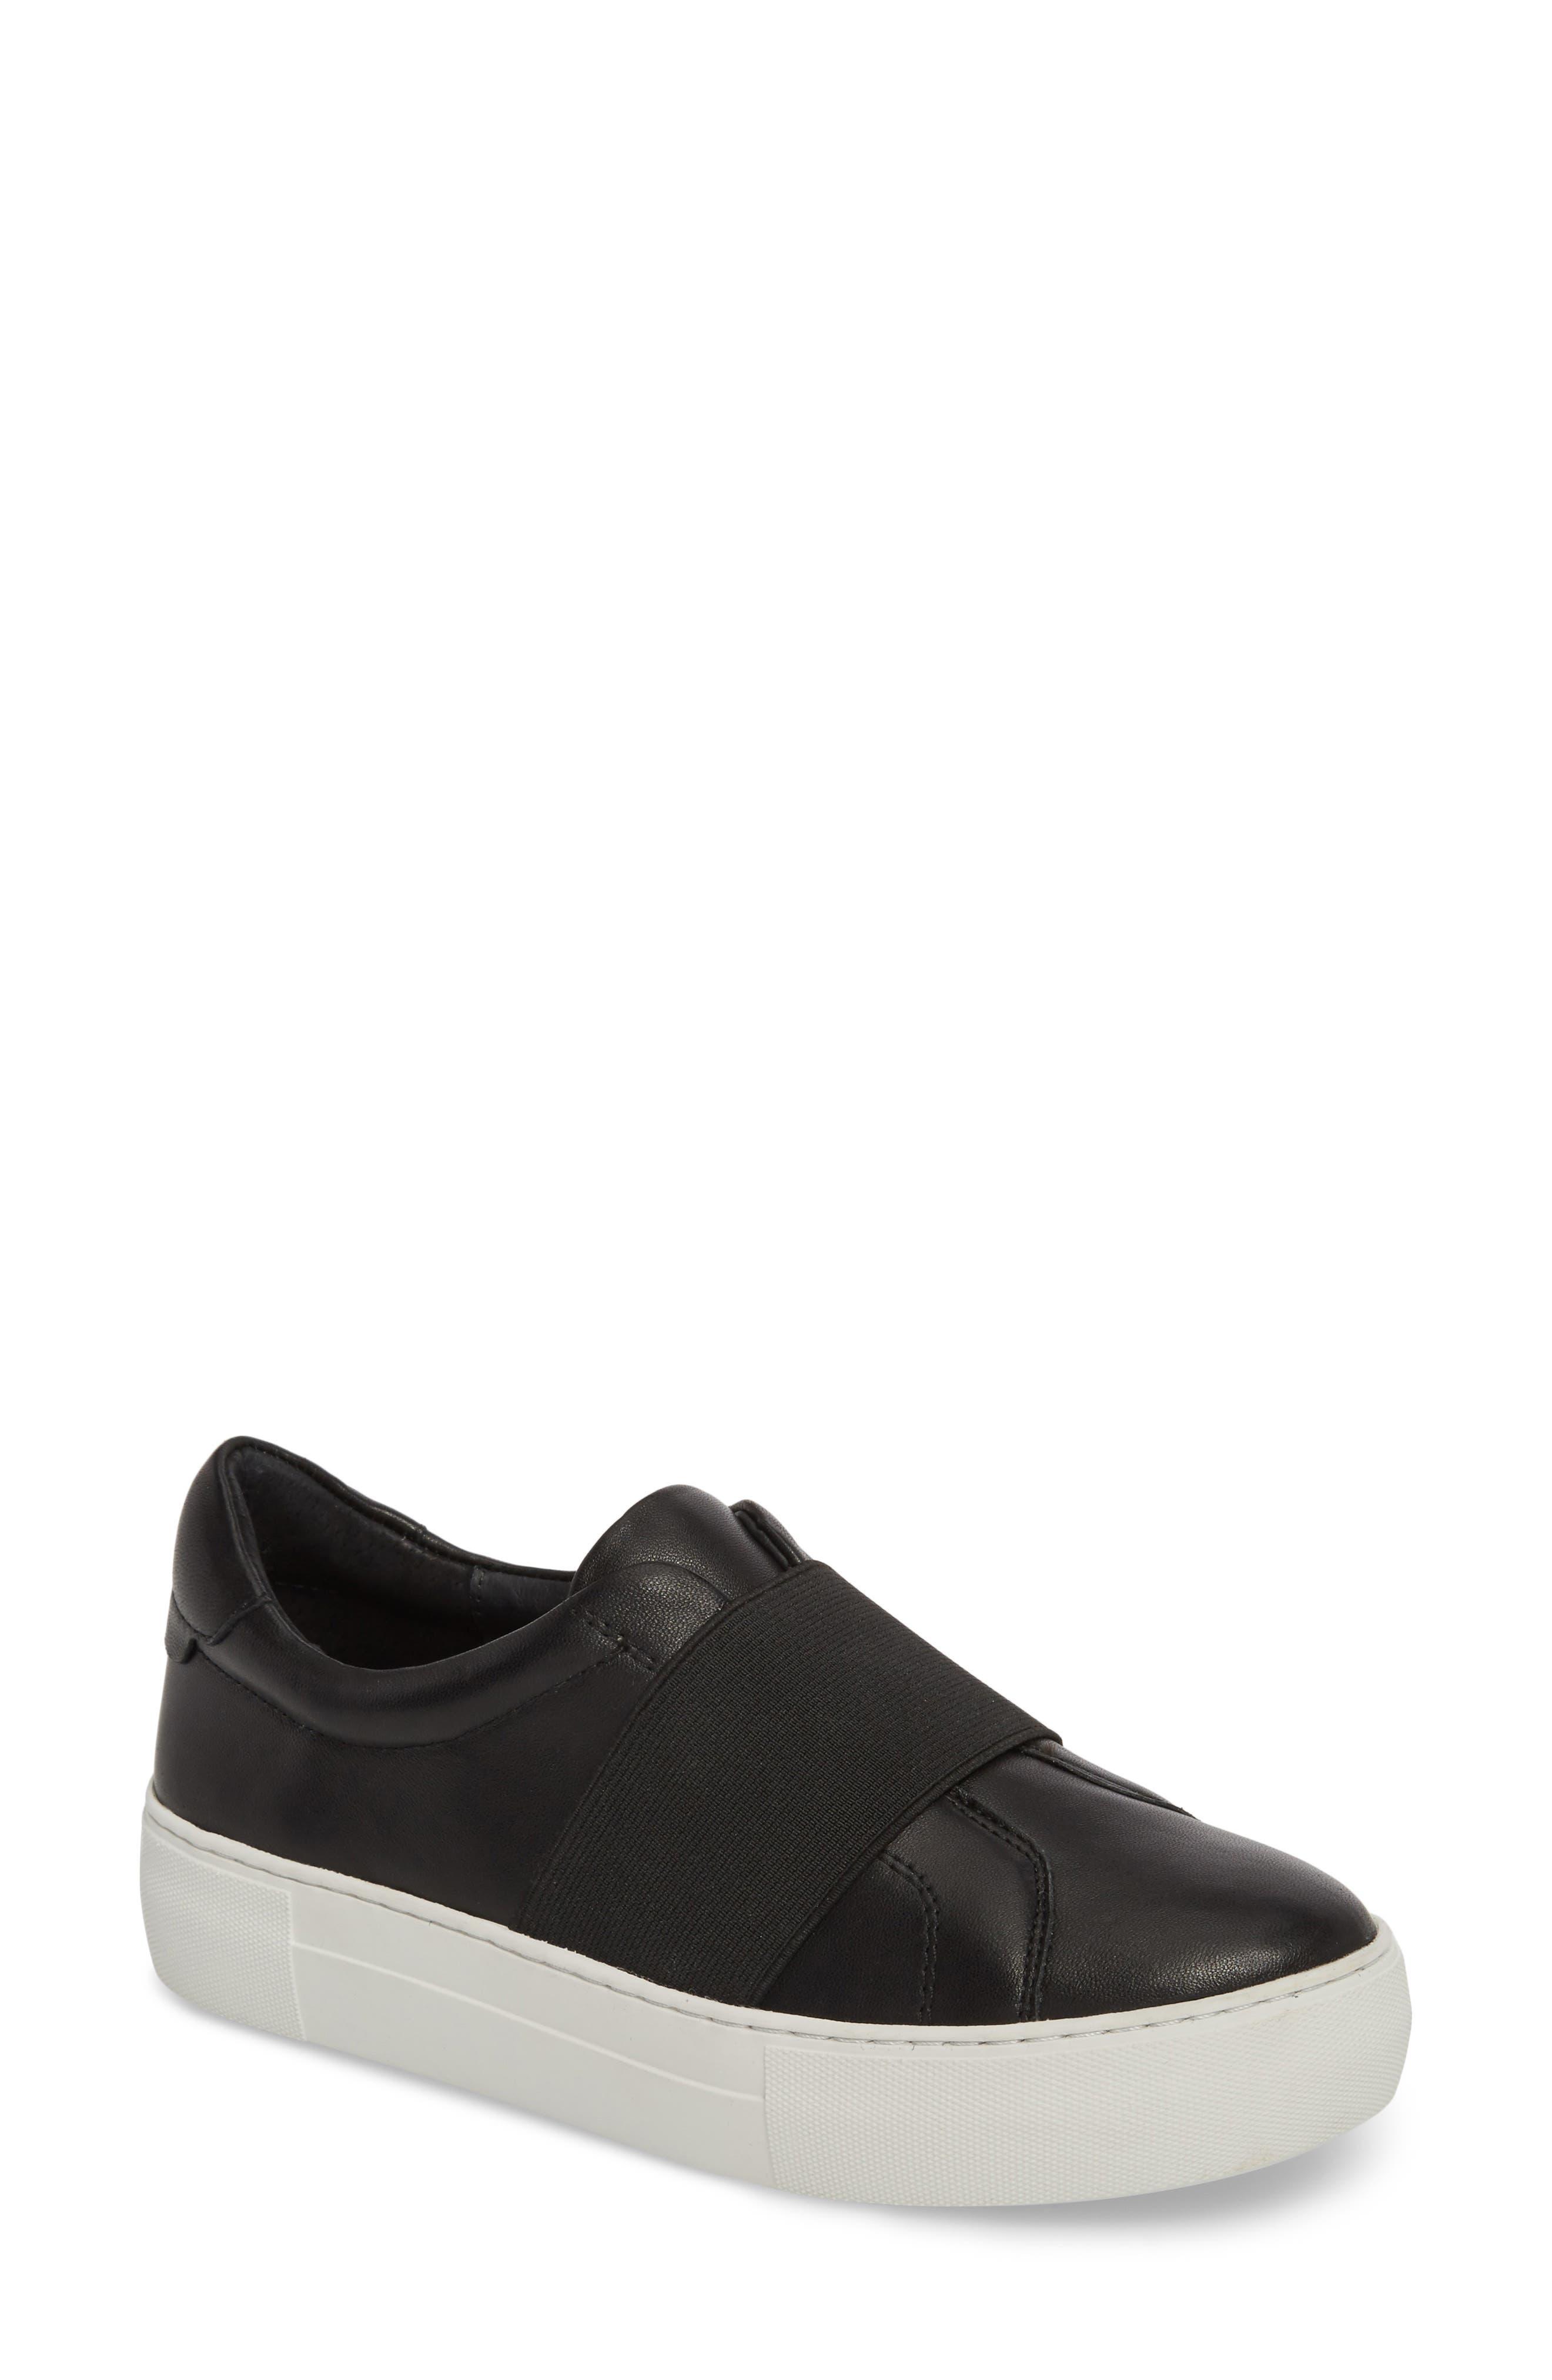 Jslides Adorn Slip-On Sneaker- Black